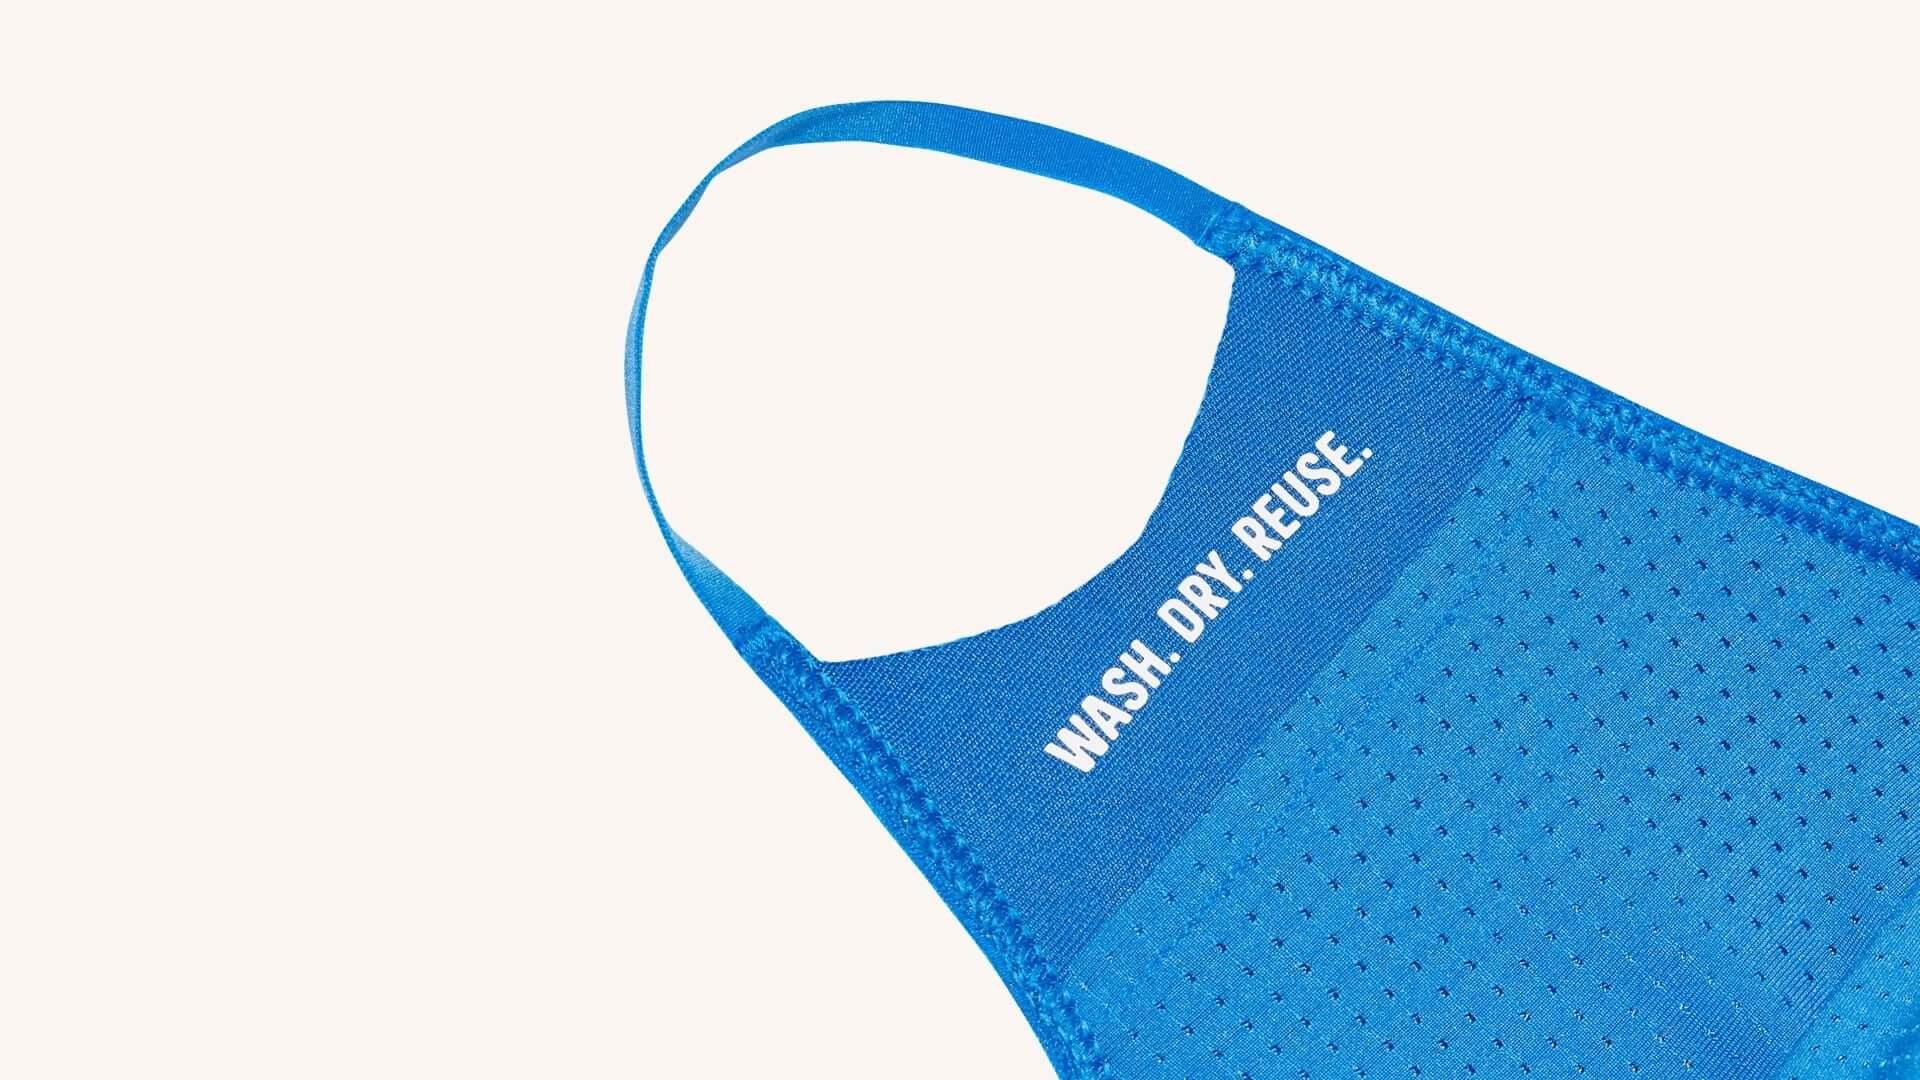 adidasよりリサイクル素材を使用した洗濯可能なマスク『adidas FACE COVER』が登場&予約受付がスタート! lf200803_adidas-mask_1-1920x1080